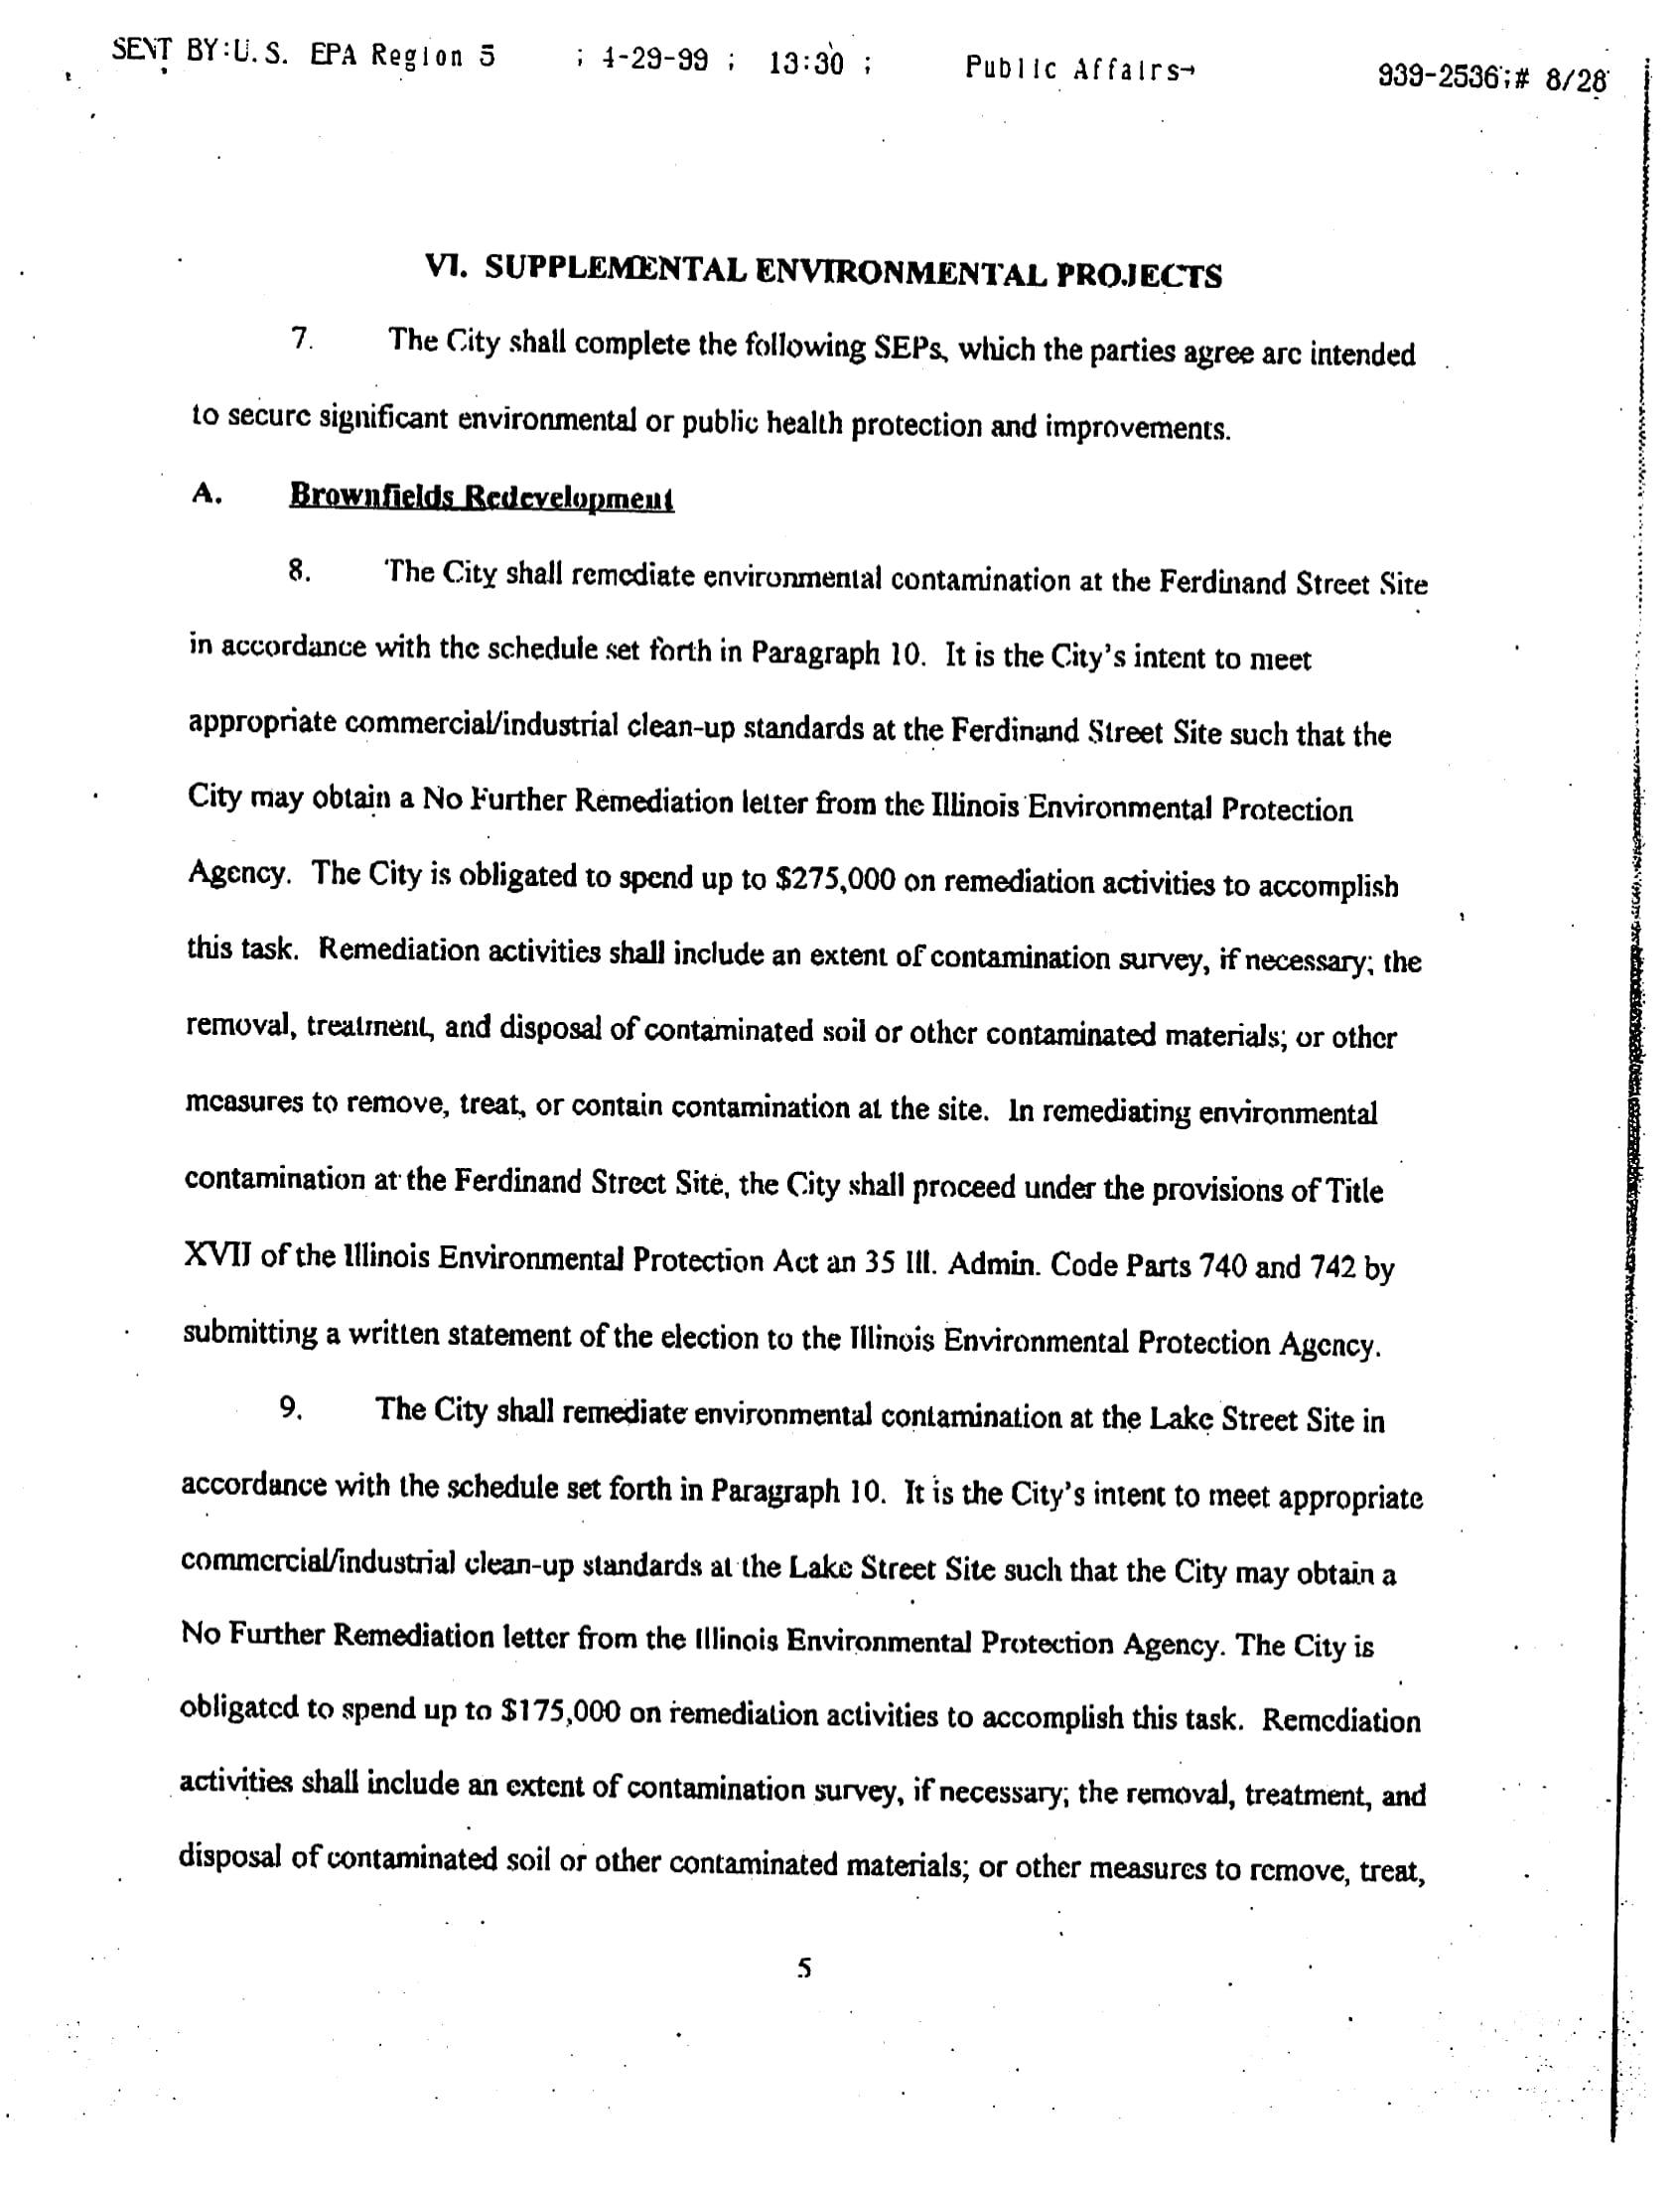 EPA Chicago Settlement-07.jpg